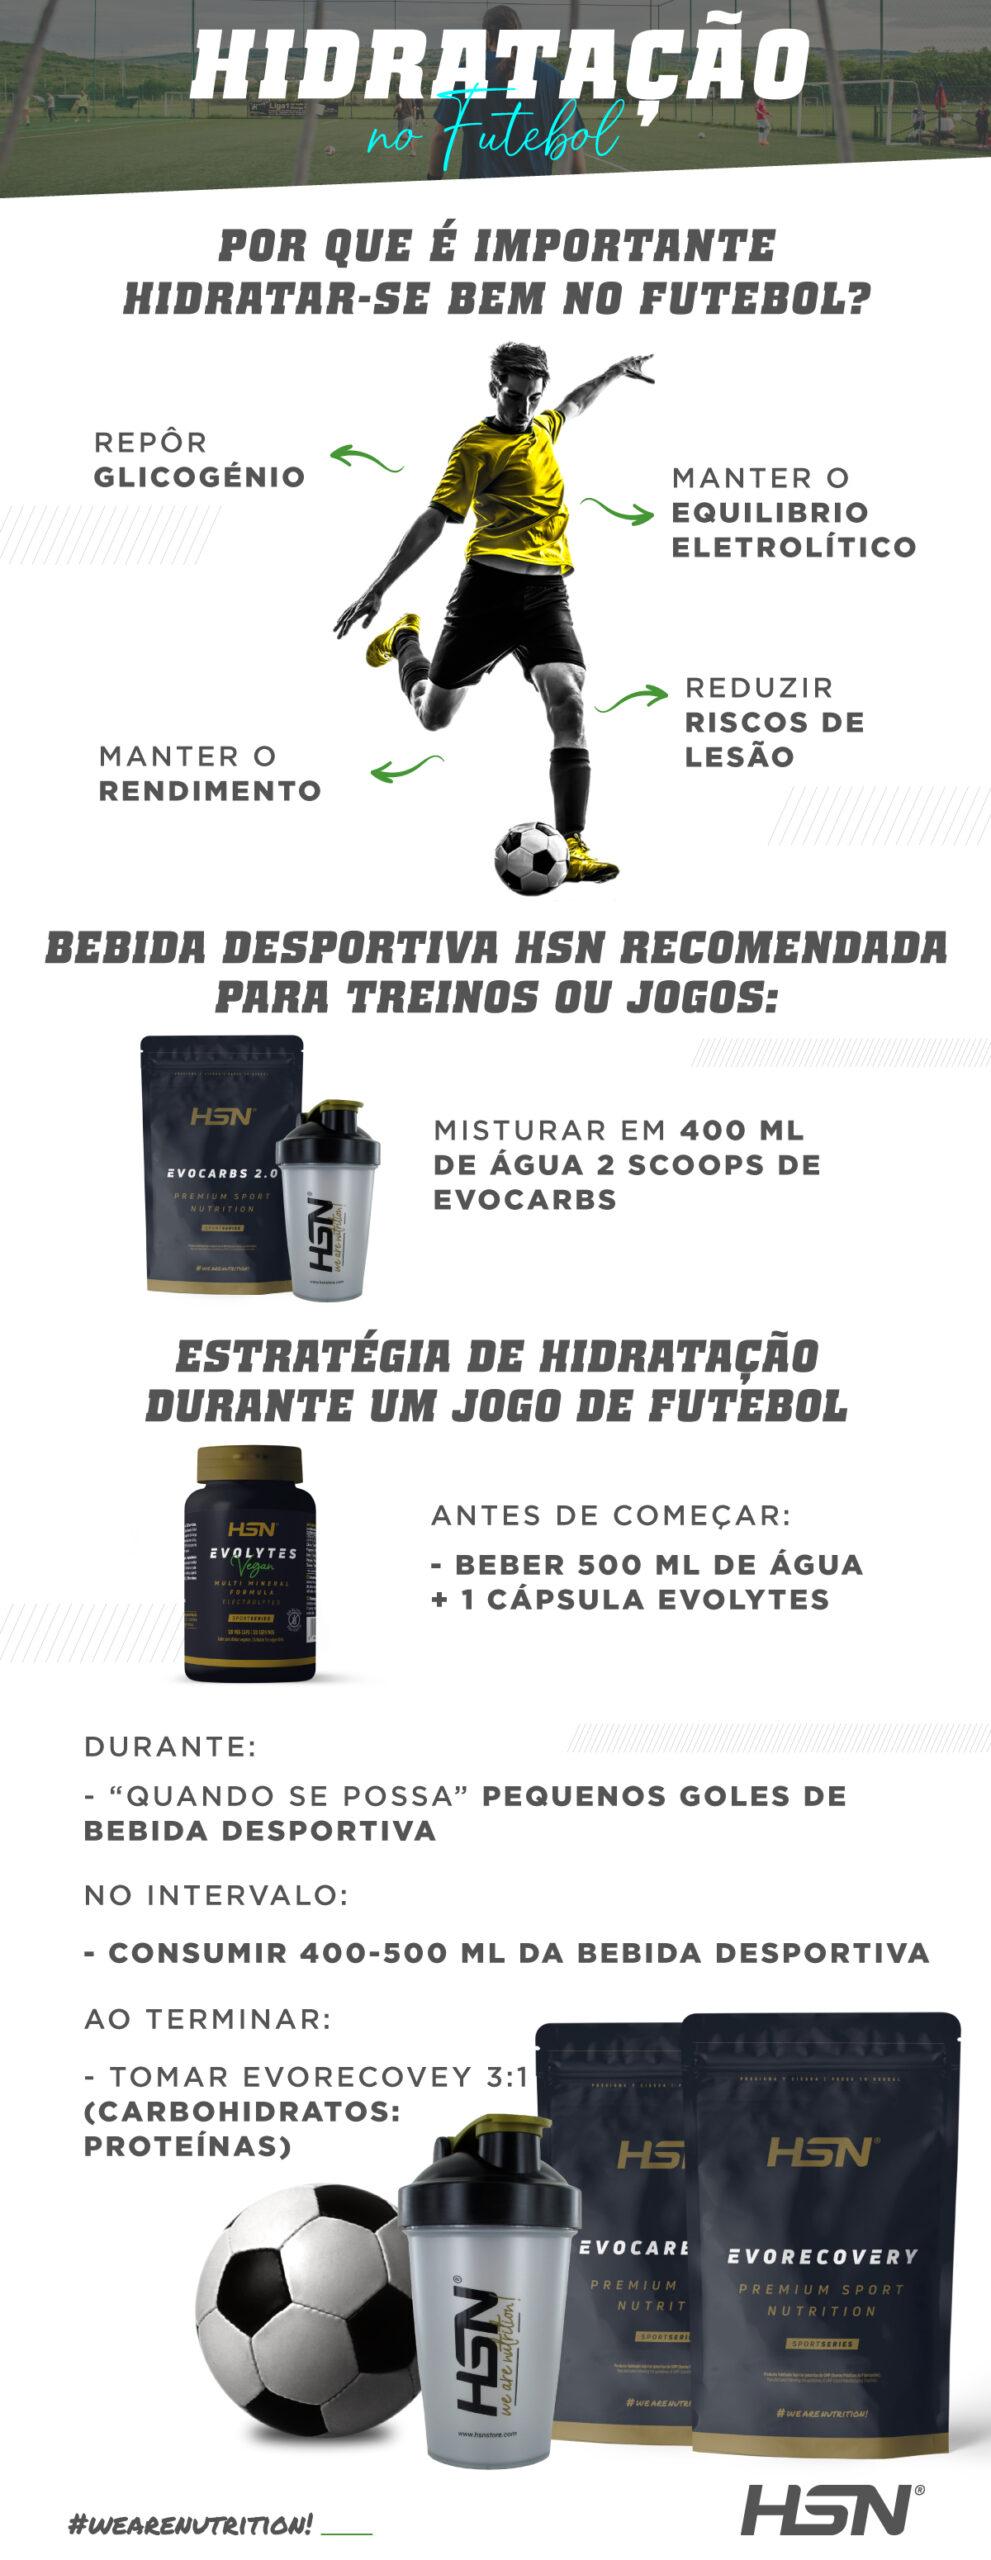 Hidratação no Futebol Info